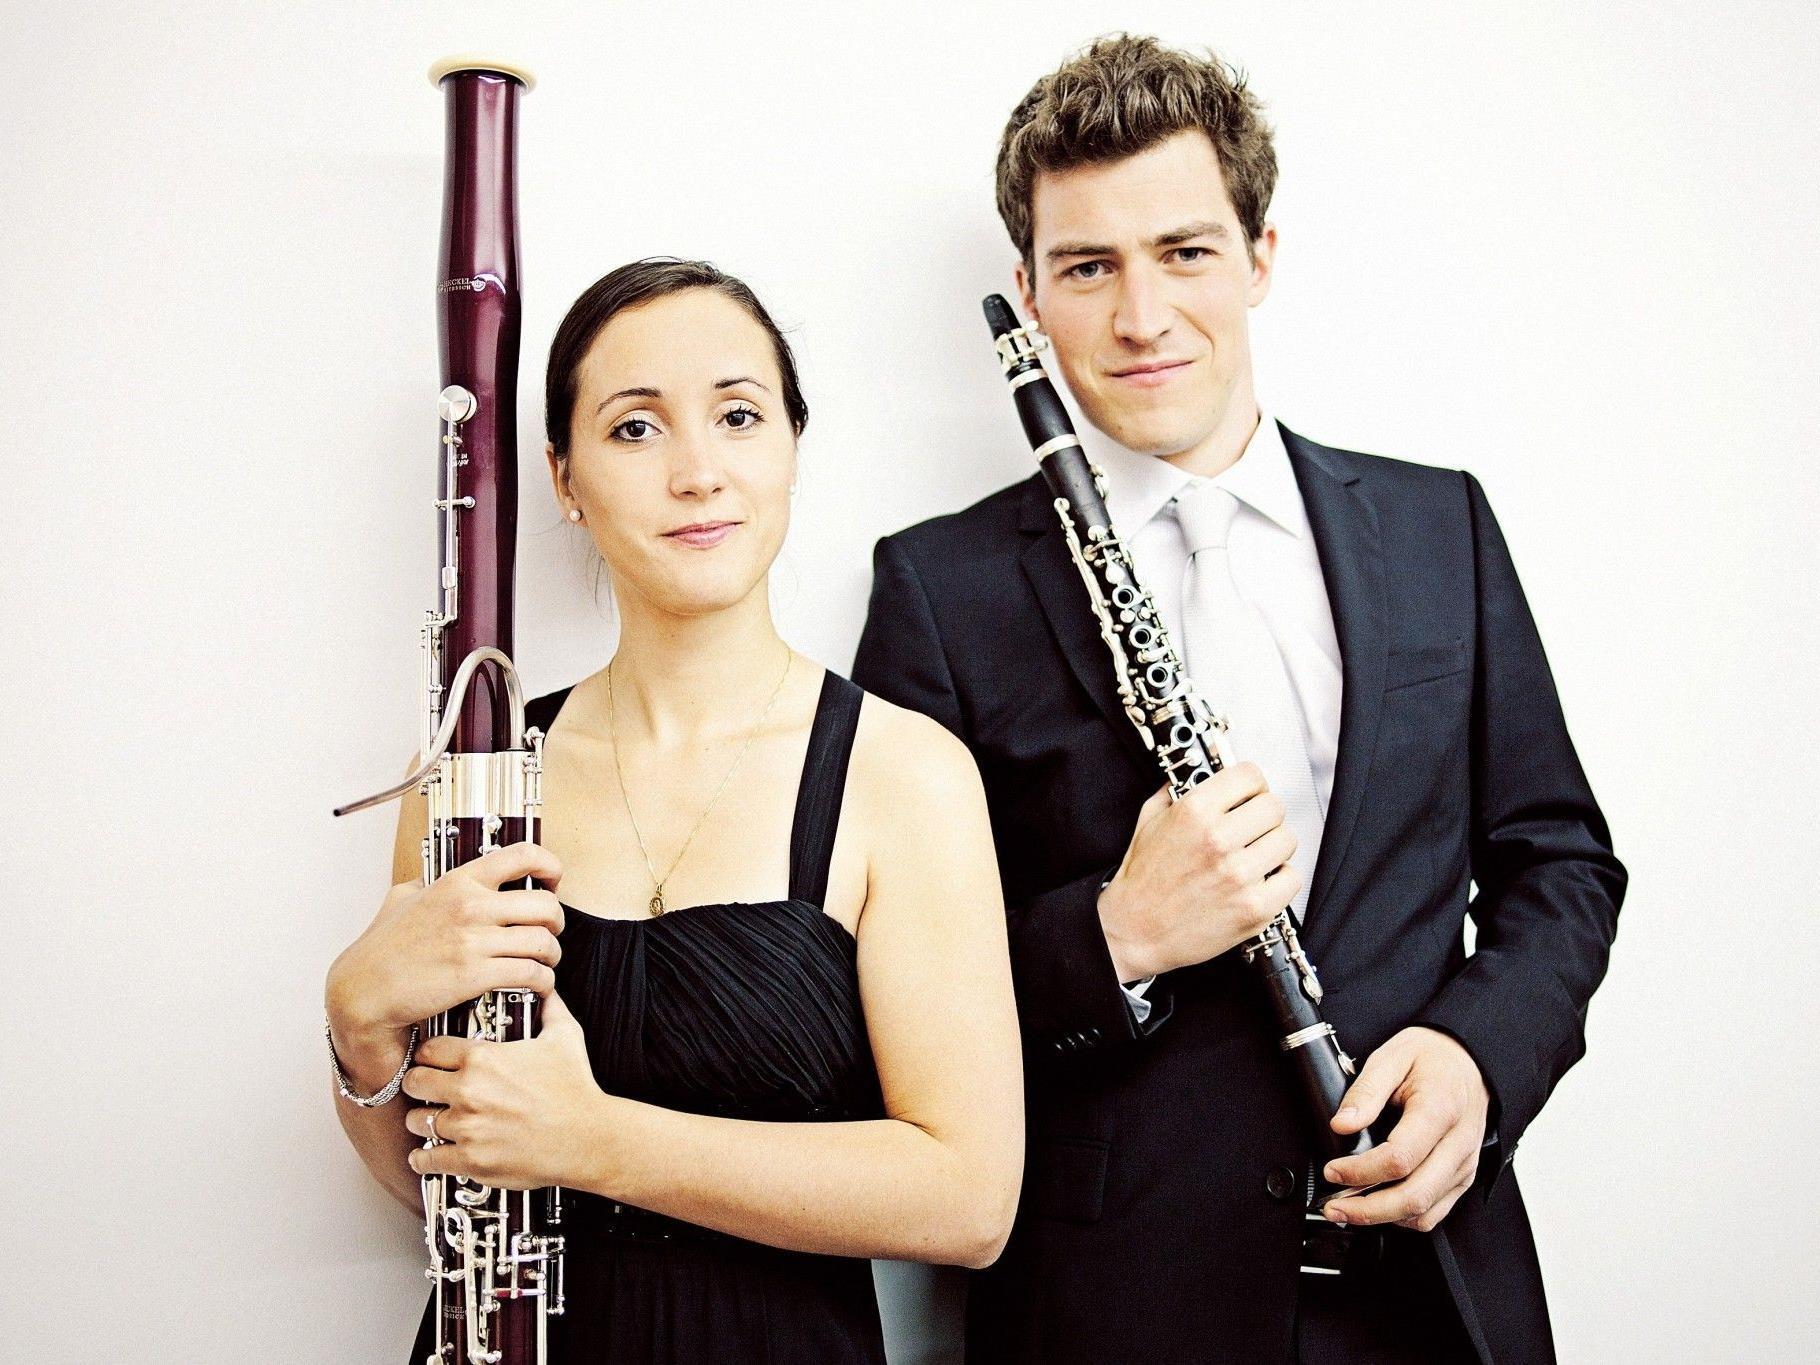 Mit Heidrun Wirth-Metzler und Alex Ladstätter sind im Jänner 2013 zwei Solisten aus den eigenen Reihen des Symphonieorchesters Vorarlberg zu hören.